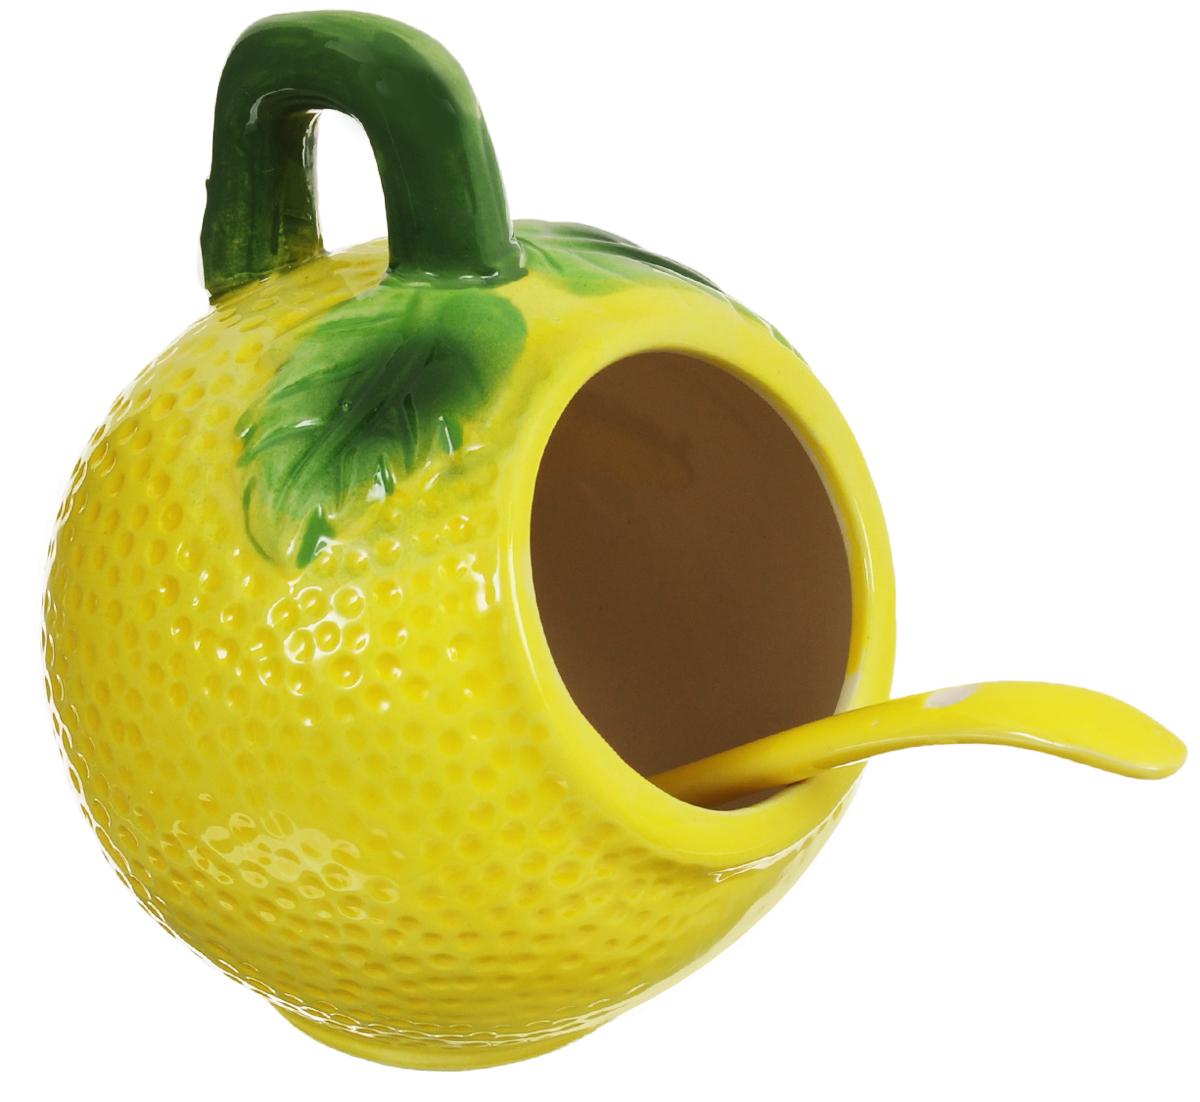 Банка для соли Elan Gallery Лимон, с ложкой, 250 млVT-1520(SR)Банка для соли Elan Gallery Лимон, изготовленная из высококачественной керамики, подойдет не только для соли, но и для сахара, специй и даже меда. Благодаря наклонной форме и ручке, она очень удобна в использовании. Изделие оформлено в виде лимона и имеет изысканный внешний вид. В комплект входит ложечка. Такая банка для соли стильно оформит интерьер кухни. Диаметр банки (по верхнему краю): 5 см.Высота банки (с учетом ручки): 10,5 см.Общая длина ложки: 12 см.Диаметр рабочей поверхности ложки: 3 см.